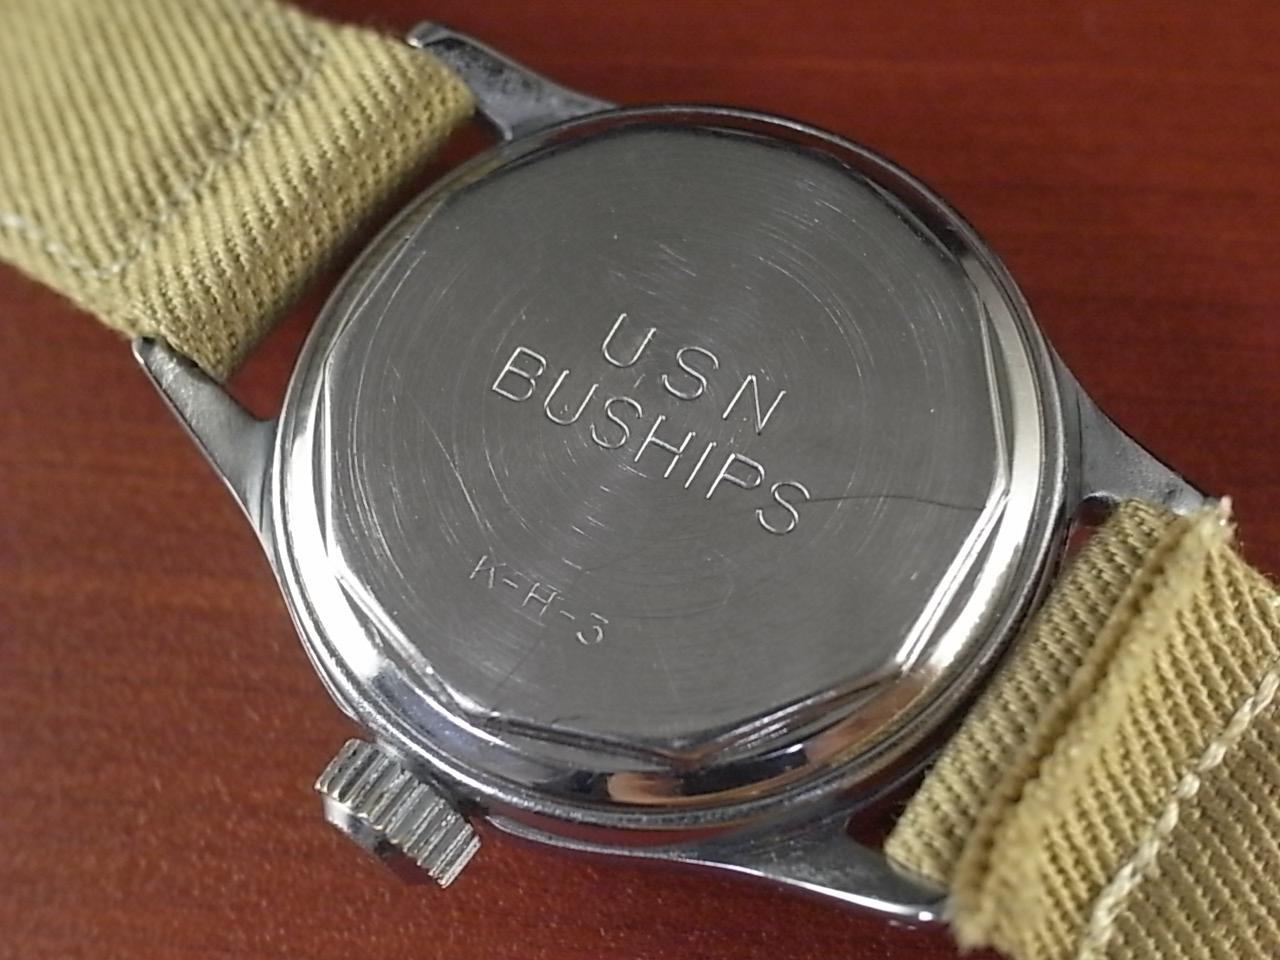 ハミルトン ミリタリー USN BUSHIPS スモールセコンド 1940年代の写真4枚目